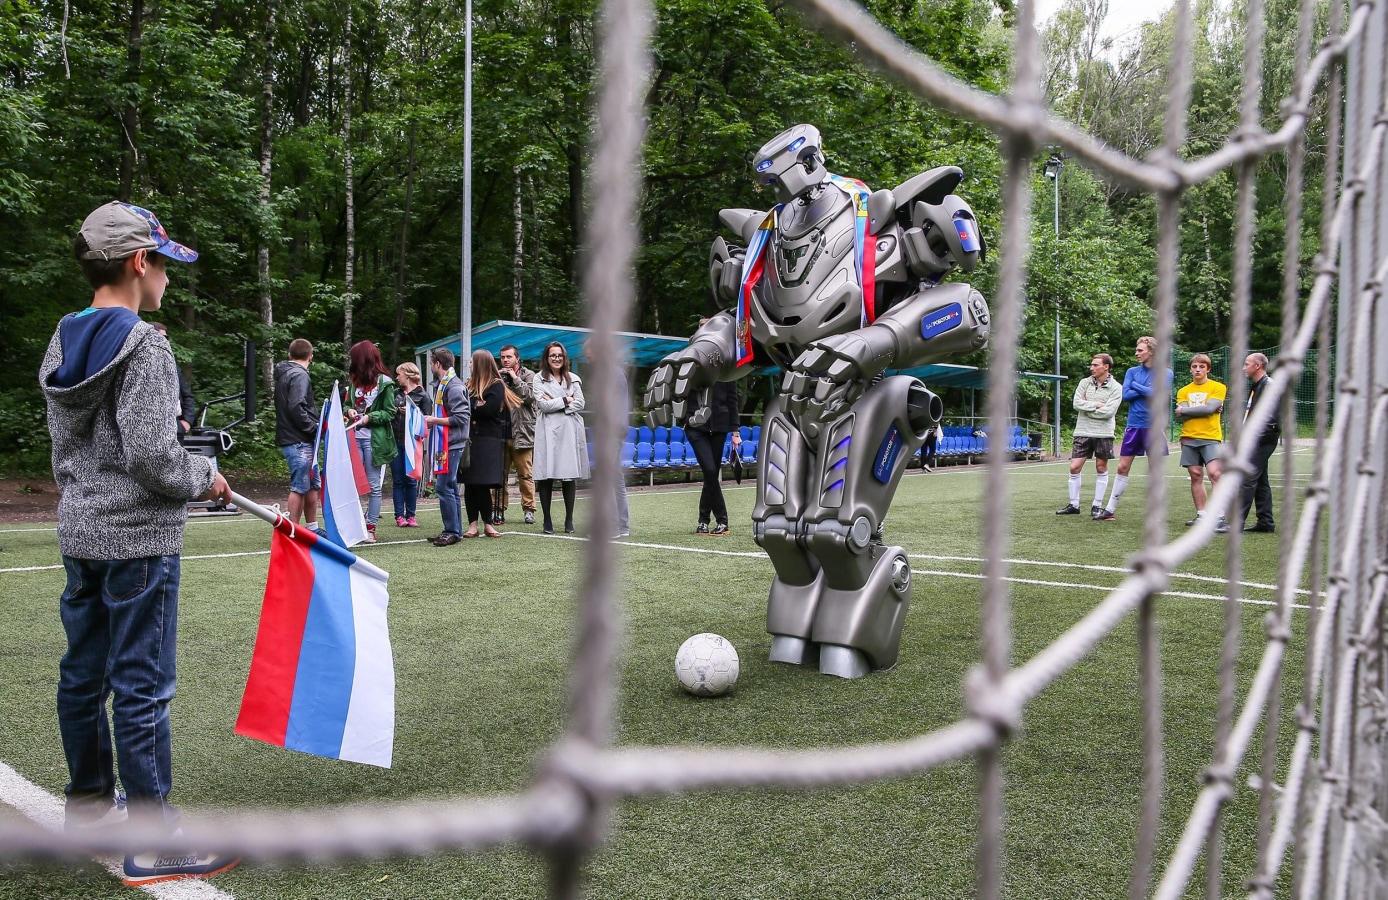 图片:俄罗斯国家足球队的支持者踢足球与泰坦机器人